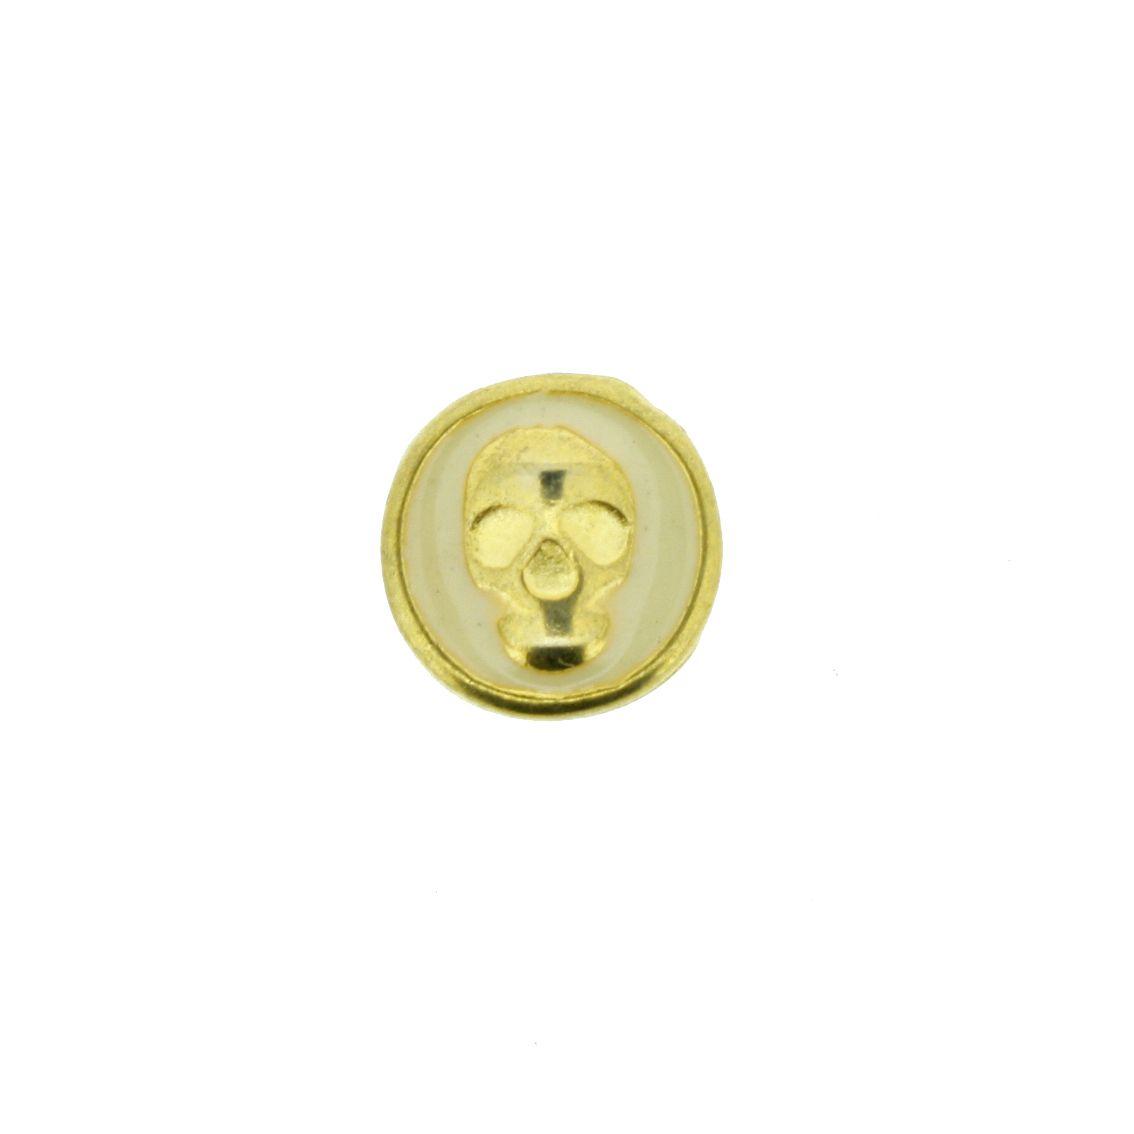 Caveira - Dourado com Creme - 9mm - 01 Peça  - Universo Religioso® - Artigos de Umbanda e Candomblé